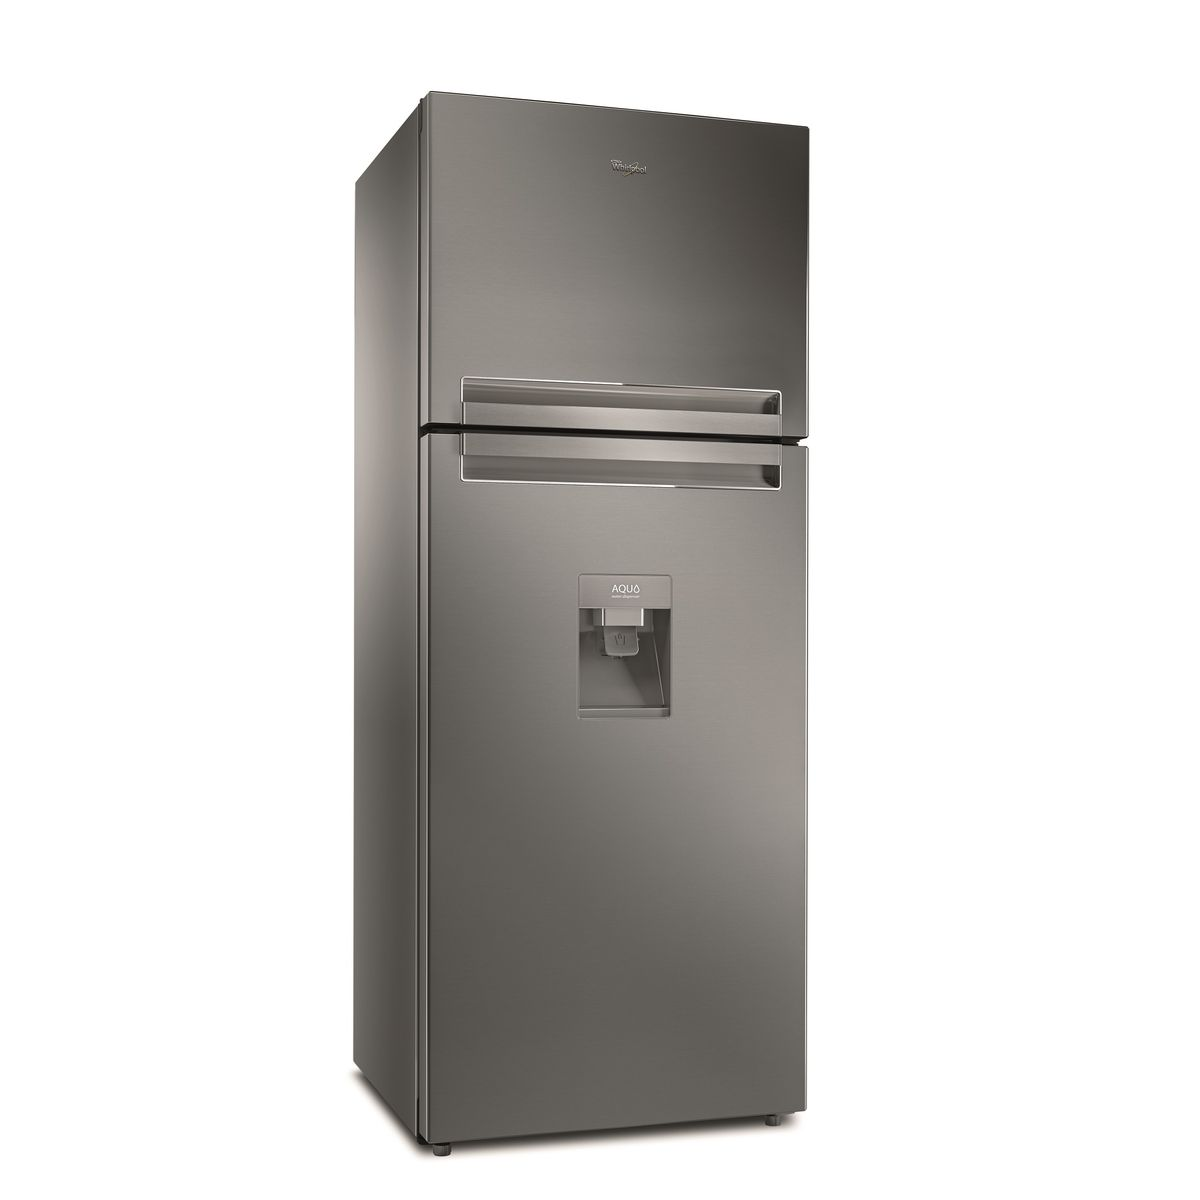 Réfrigérateur 2 portes TTNF8111OXAQUA, 422 L, Froid No frost